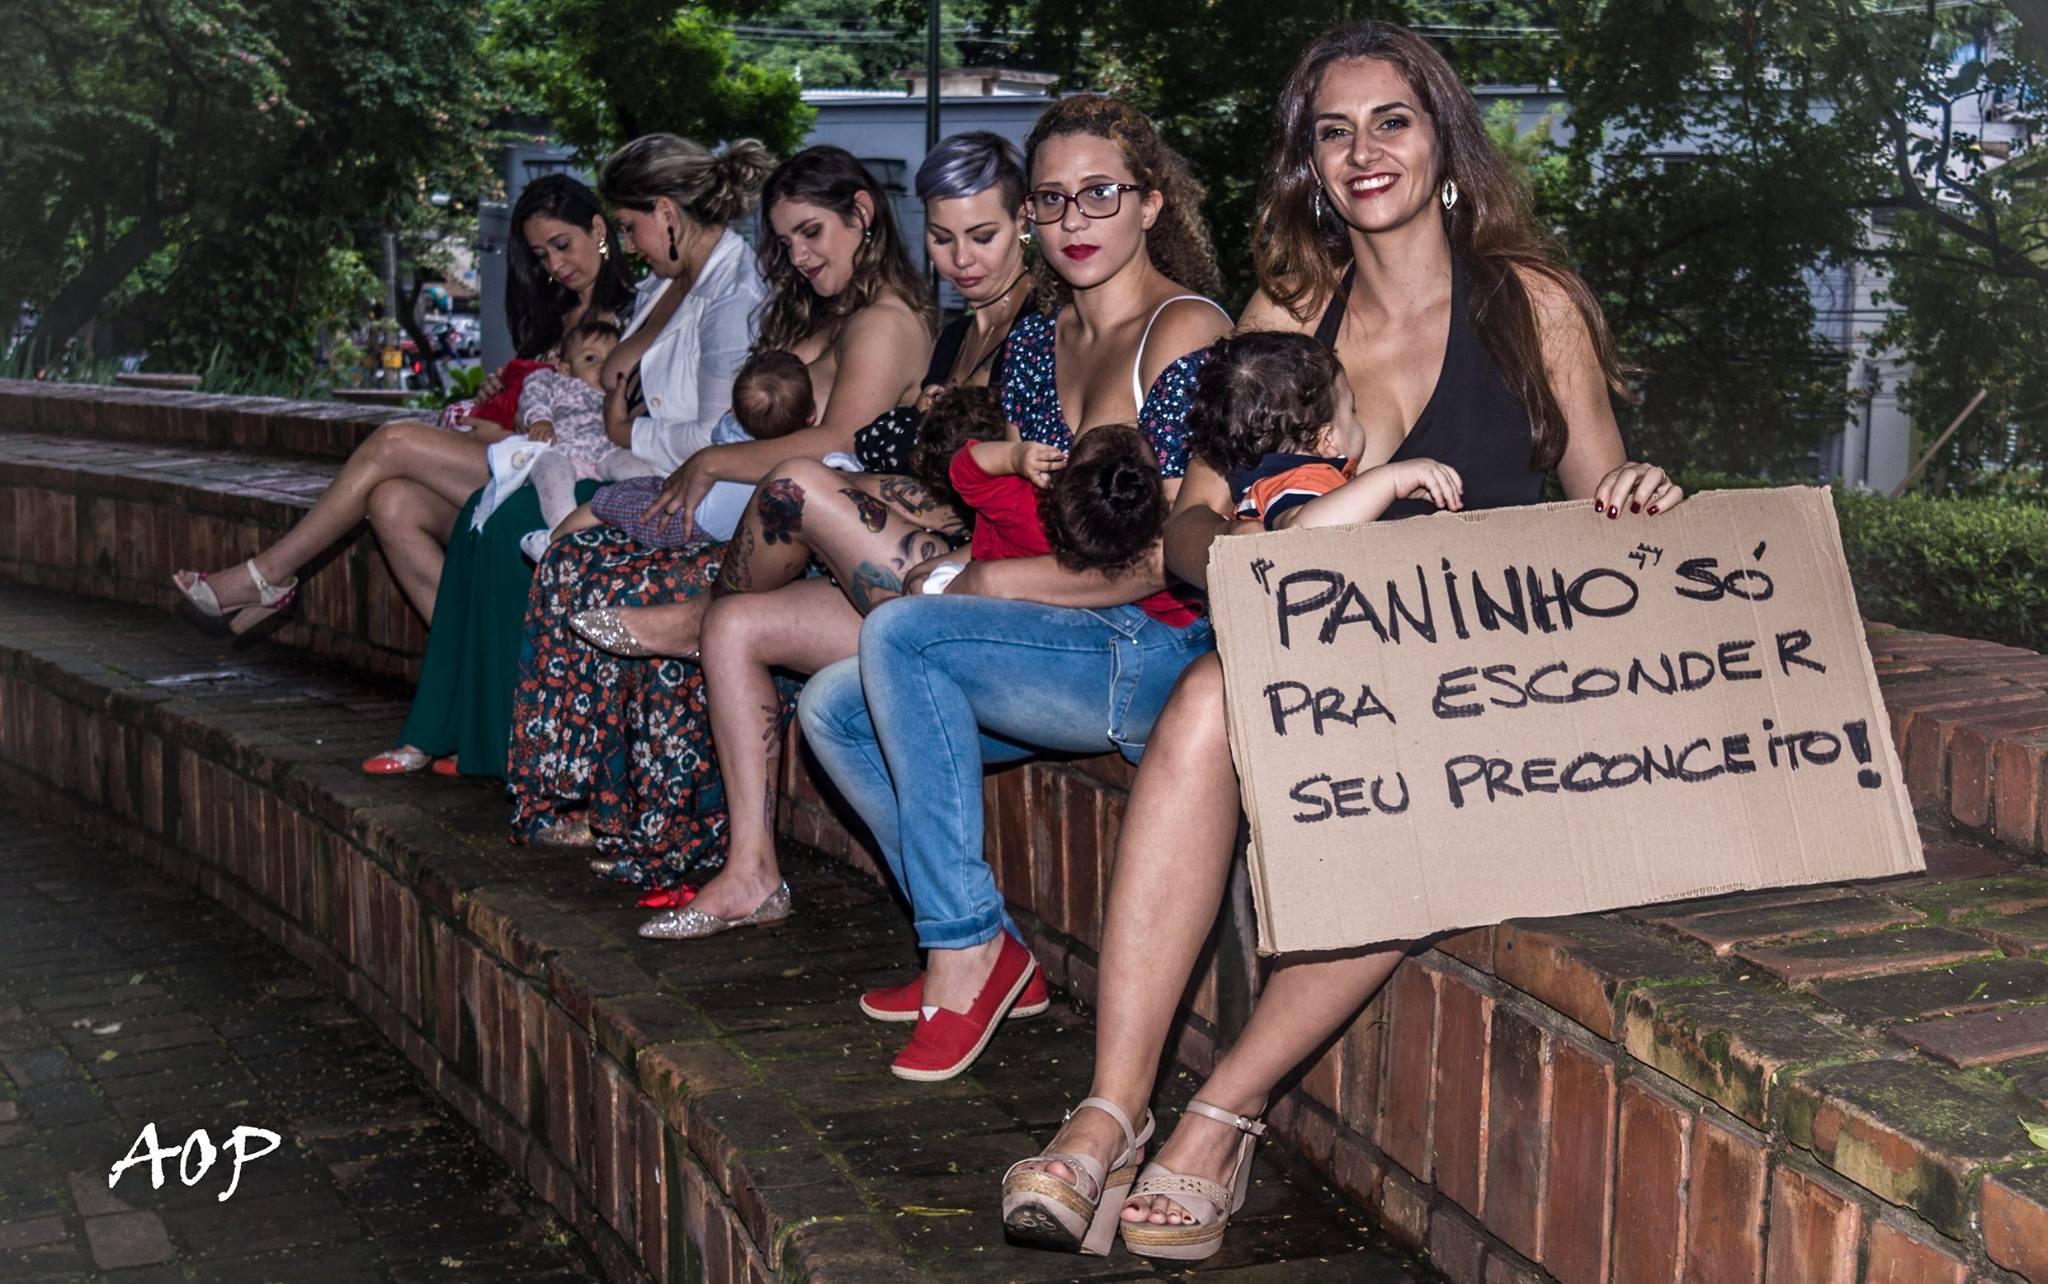 Ideia é acabar com preconceito em torno da amamentação em público (Foto: Alexandre Périgo)